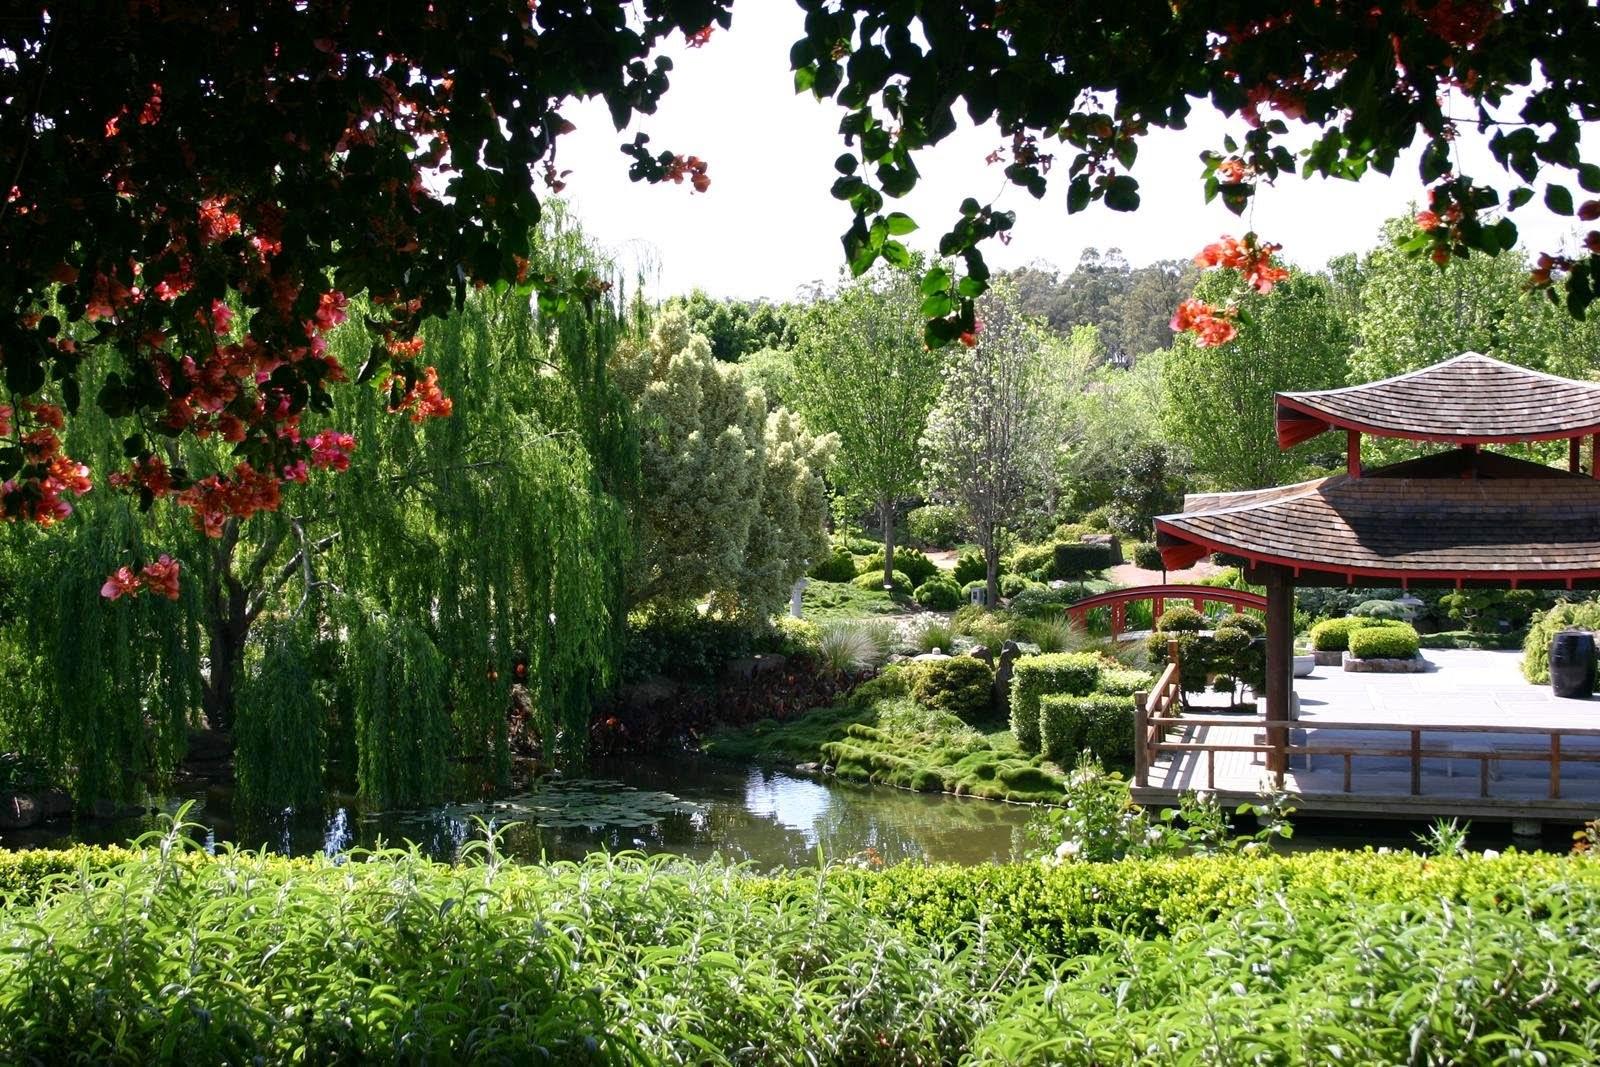 Real world gardener themes in garden design for Japanese themed garden